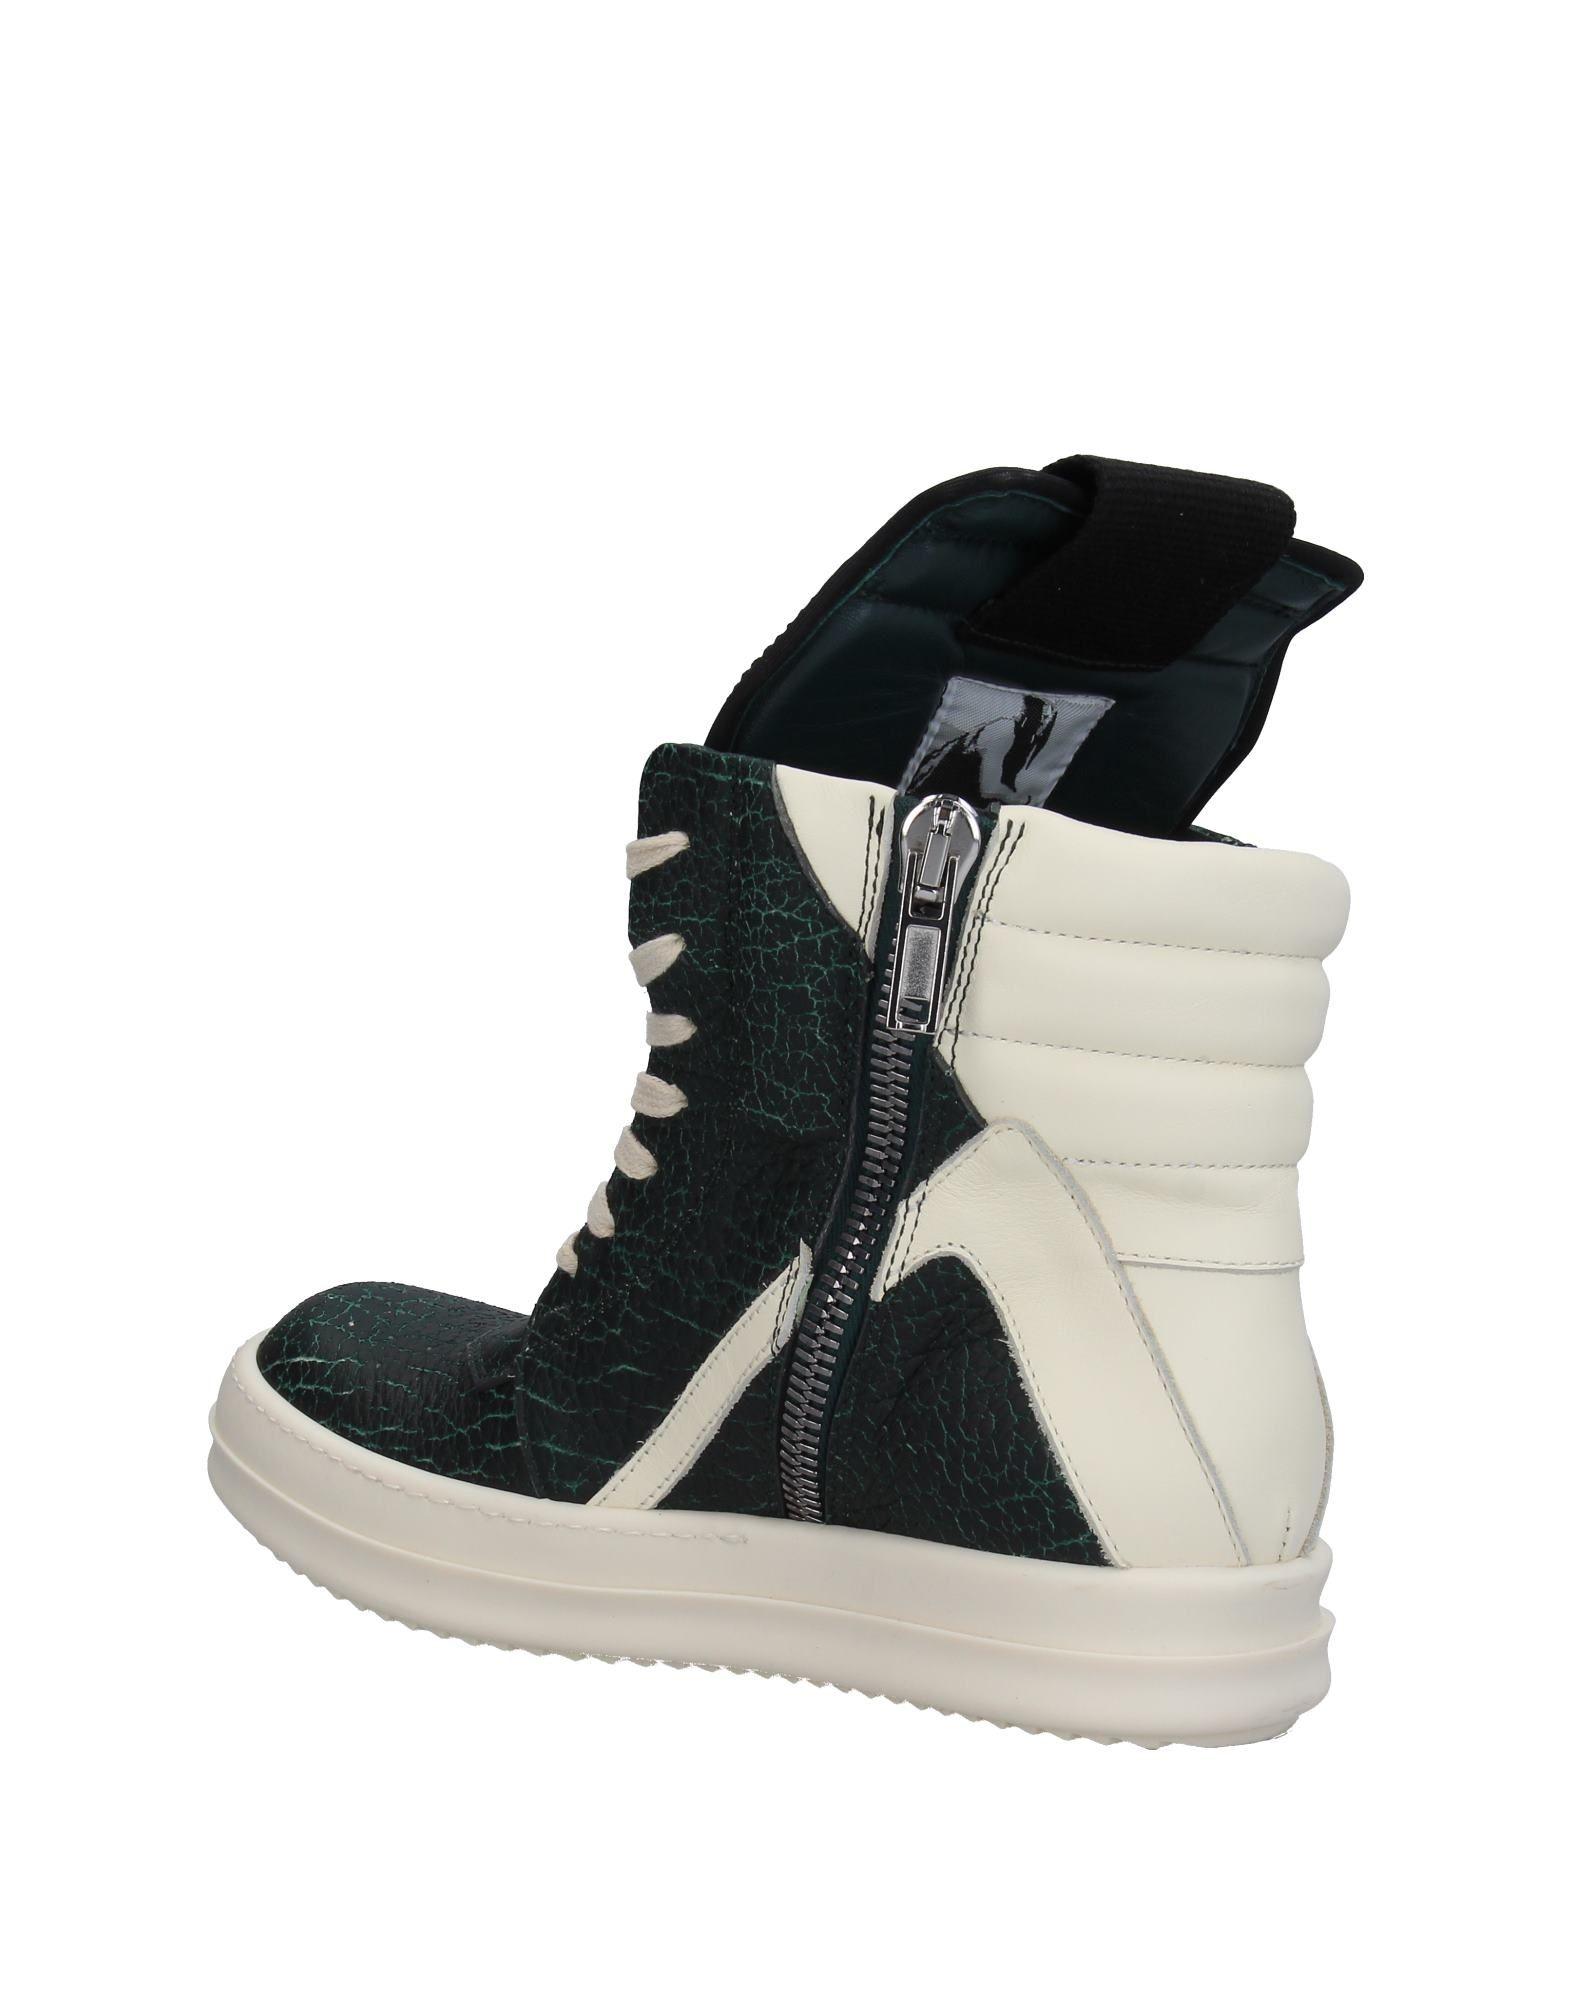 Sneakers Rick Owens Femme - Sneakers Rick Owens sur